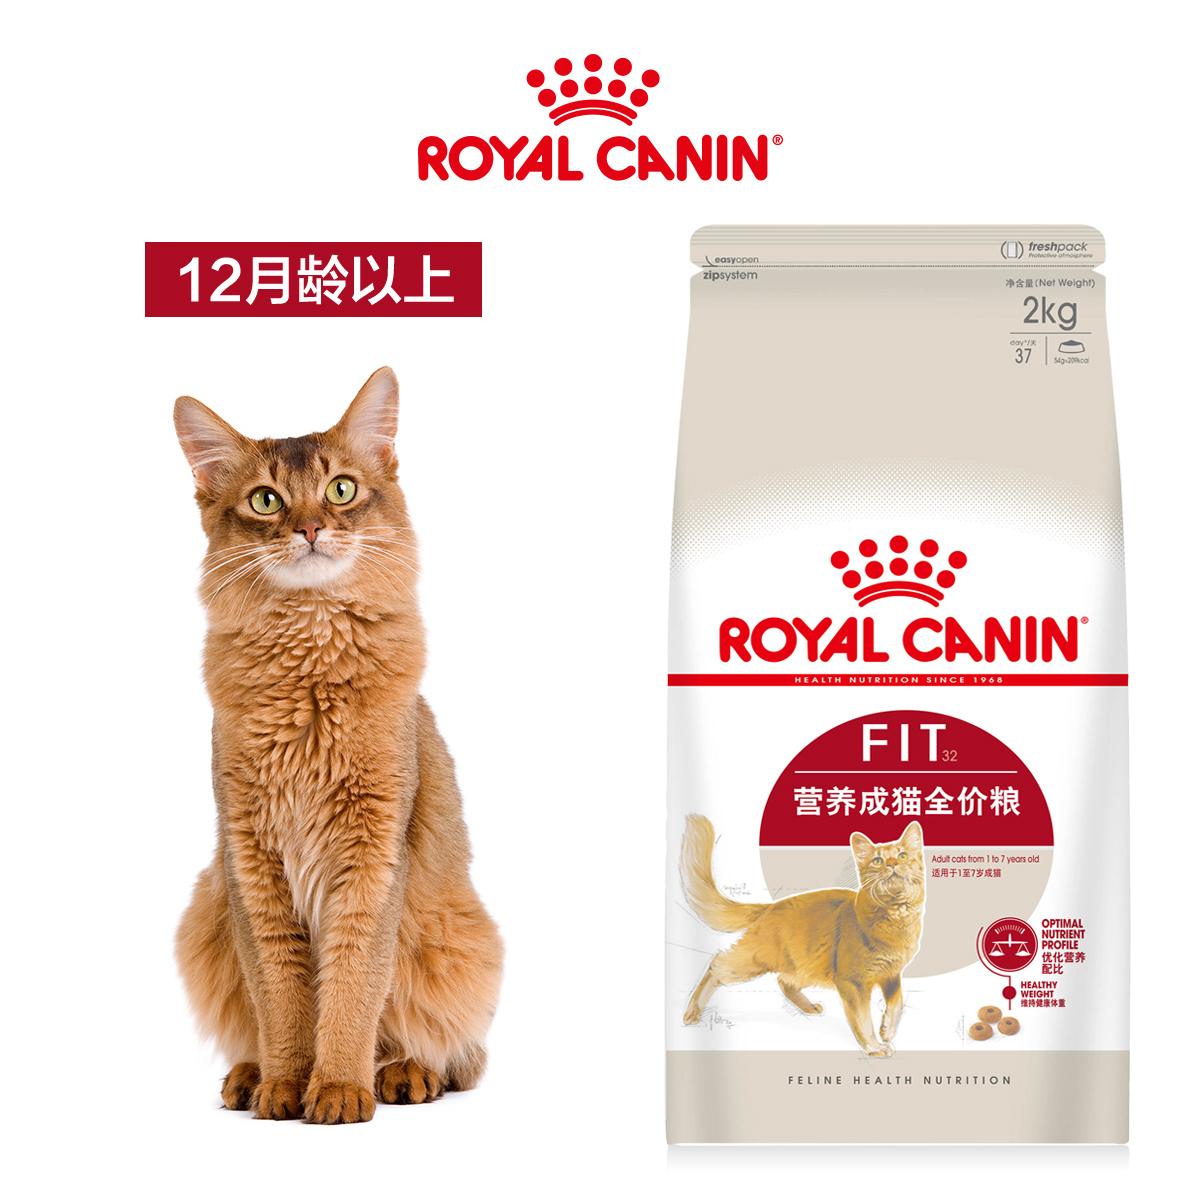 姜露宠物皇冠信誉 皇家猫粮成猫F32理想体态营养2kg通用型猫咪优惠券